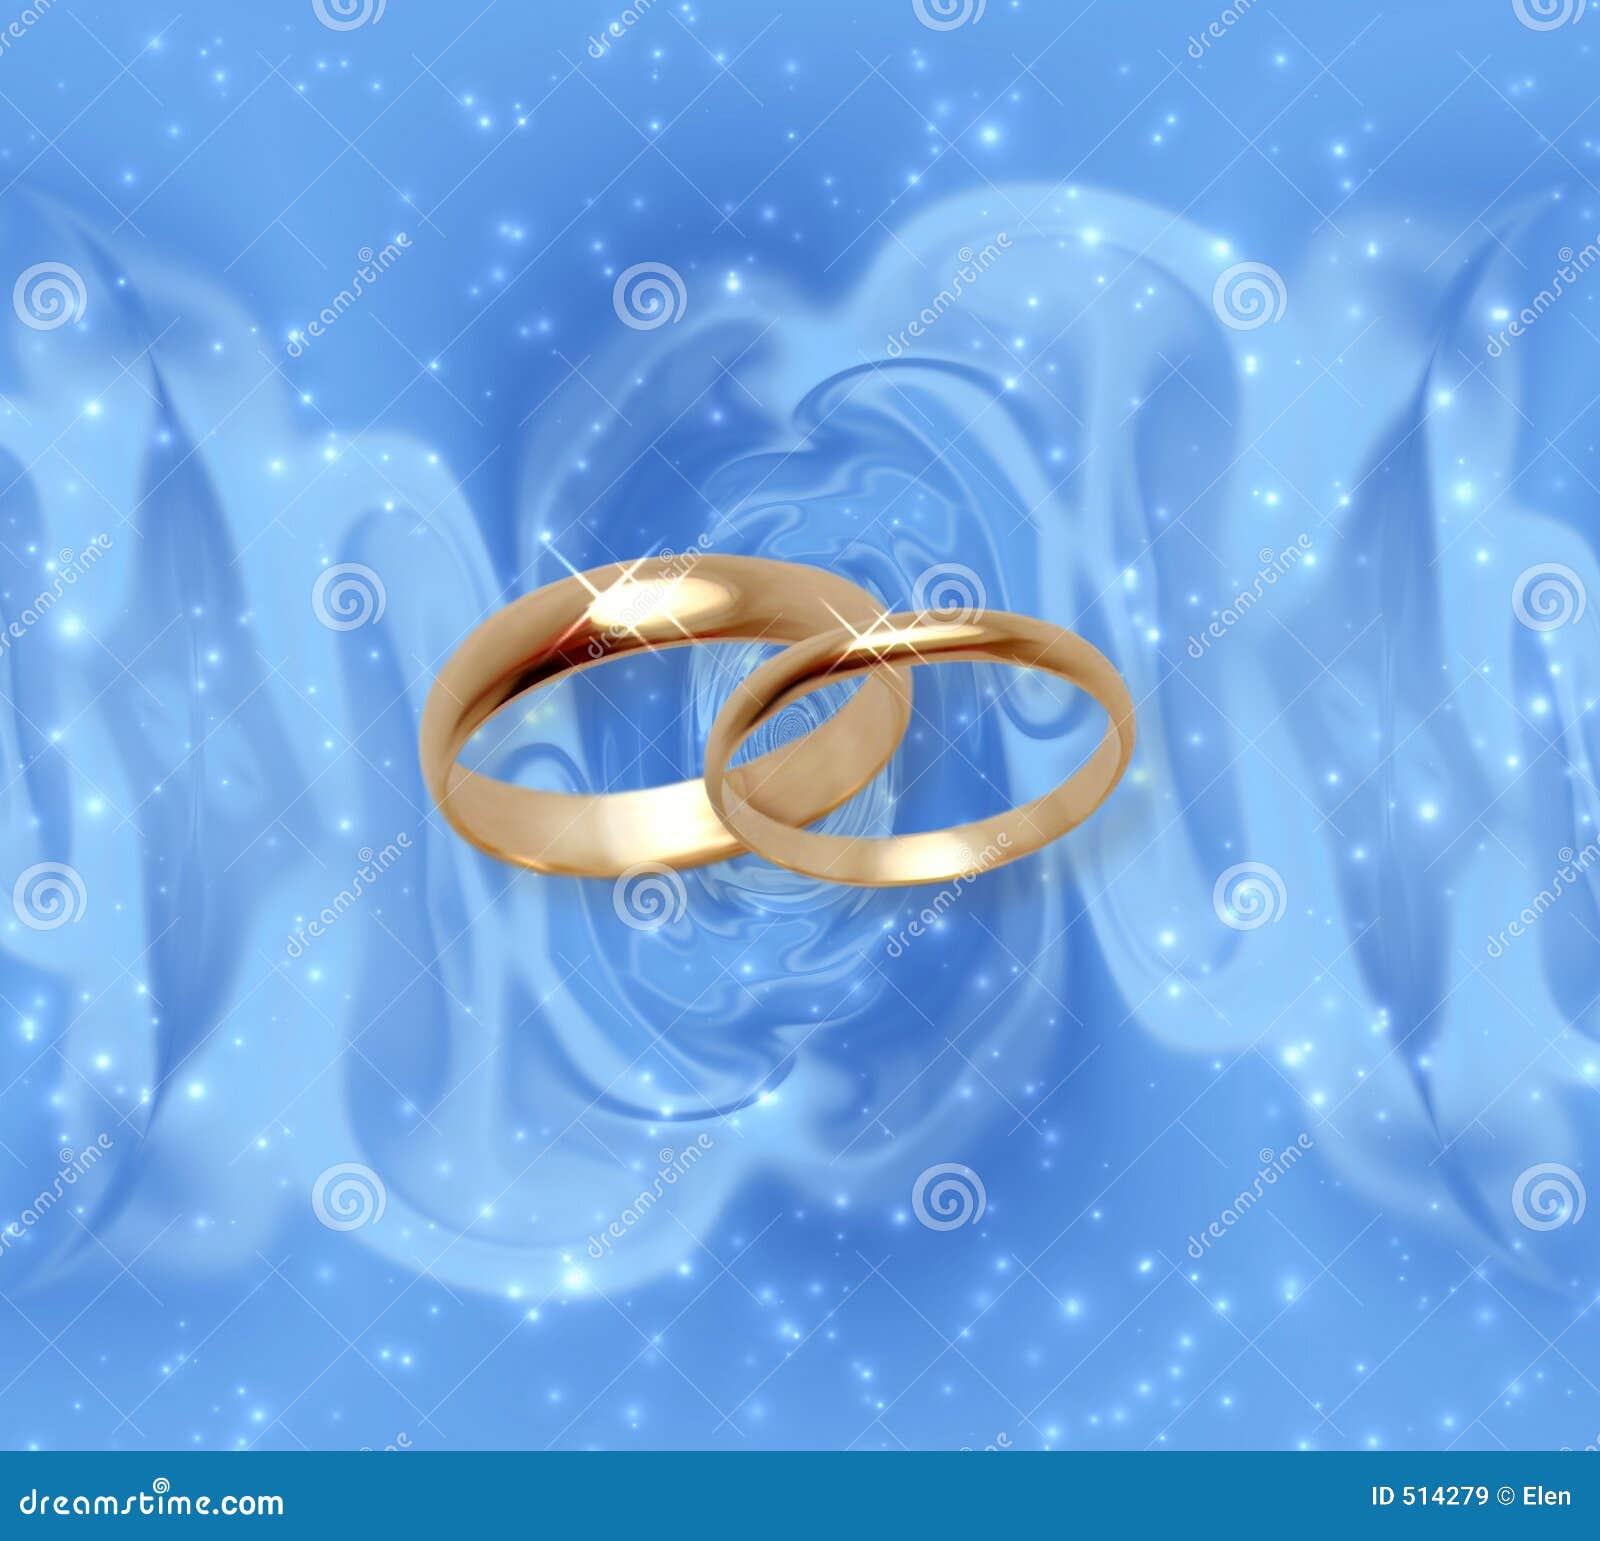 Abstrakter Schneehintergrund Mit Hochzeitsringen Stock Abbildung